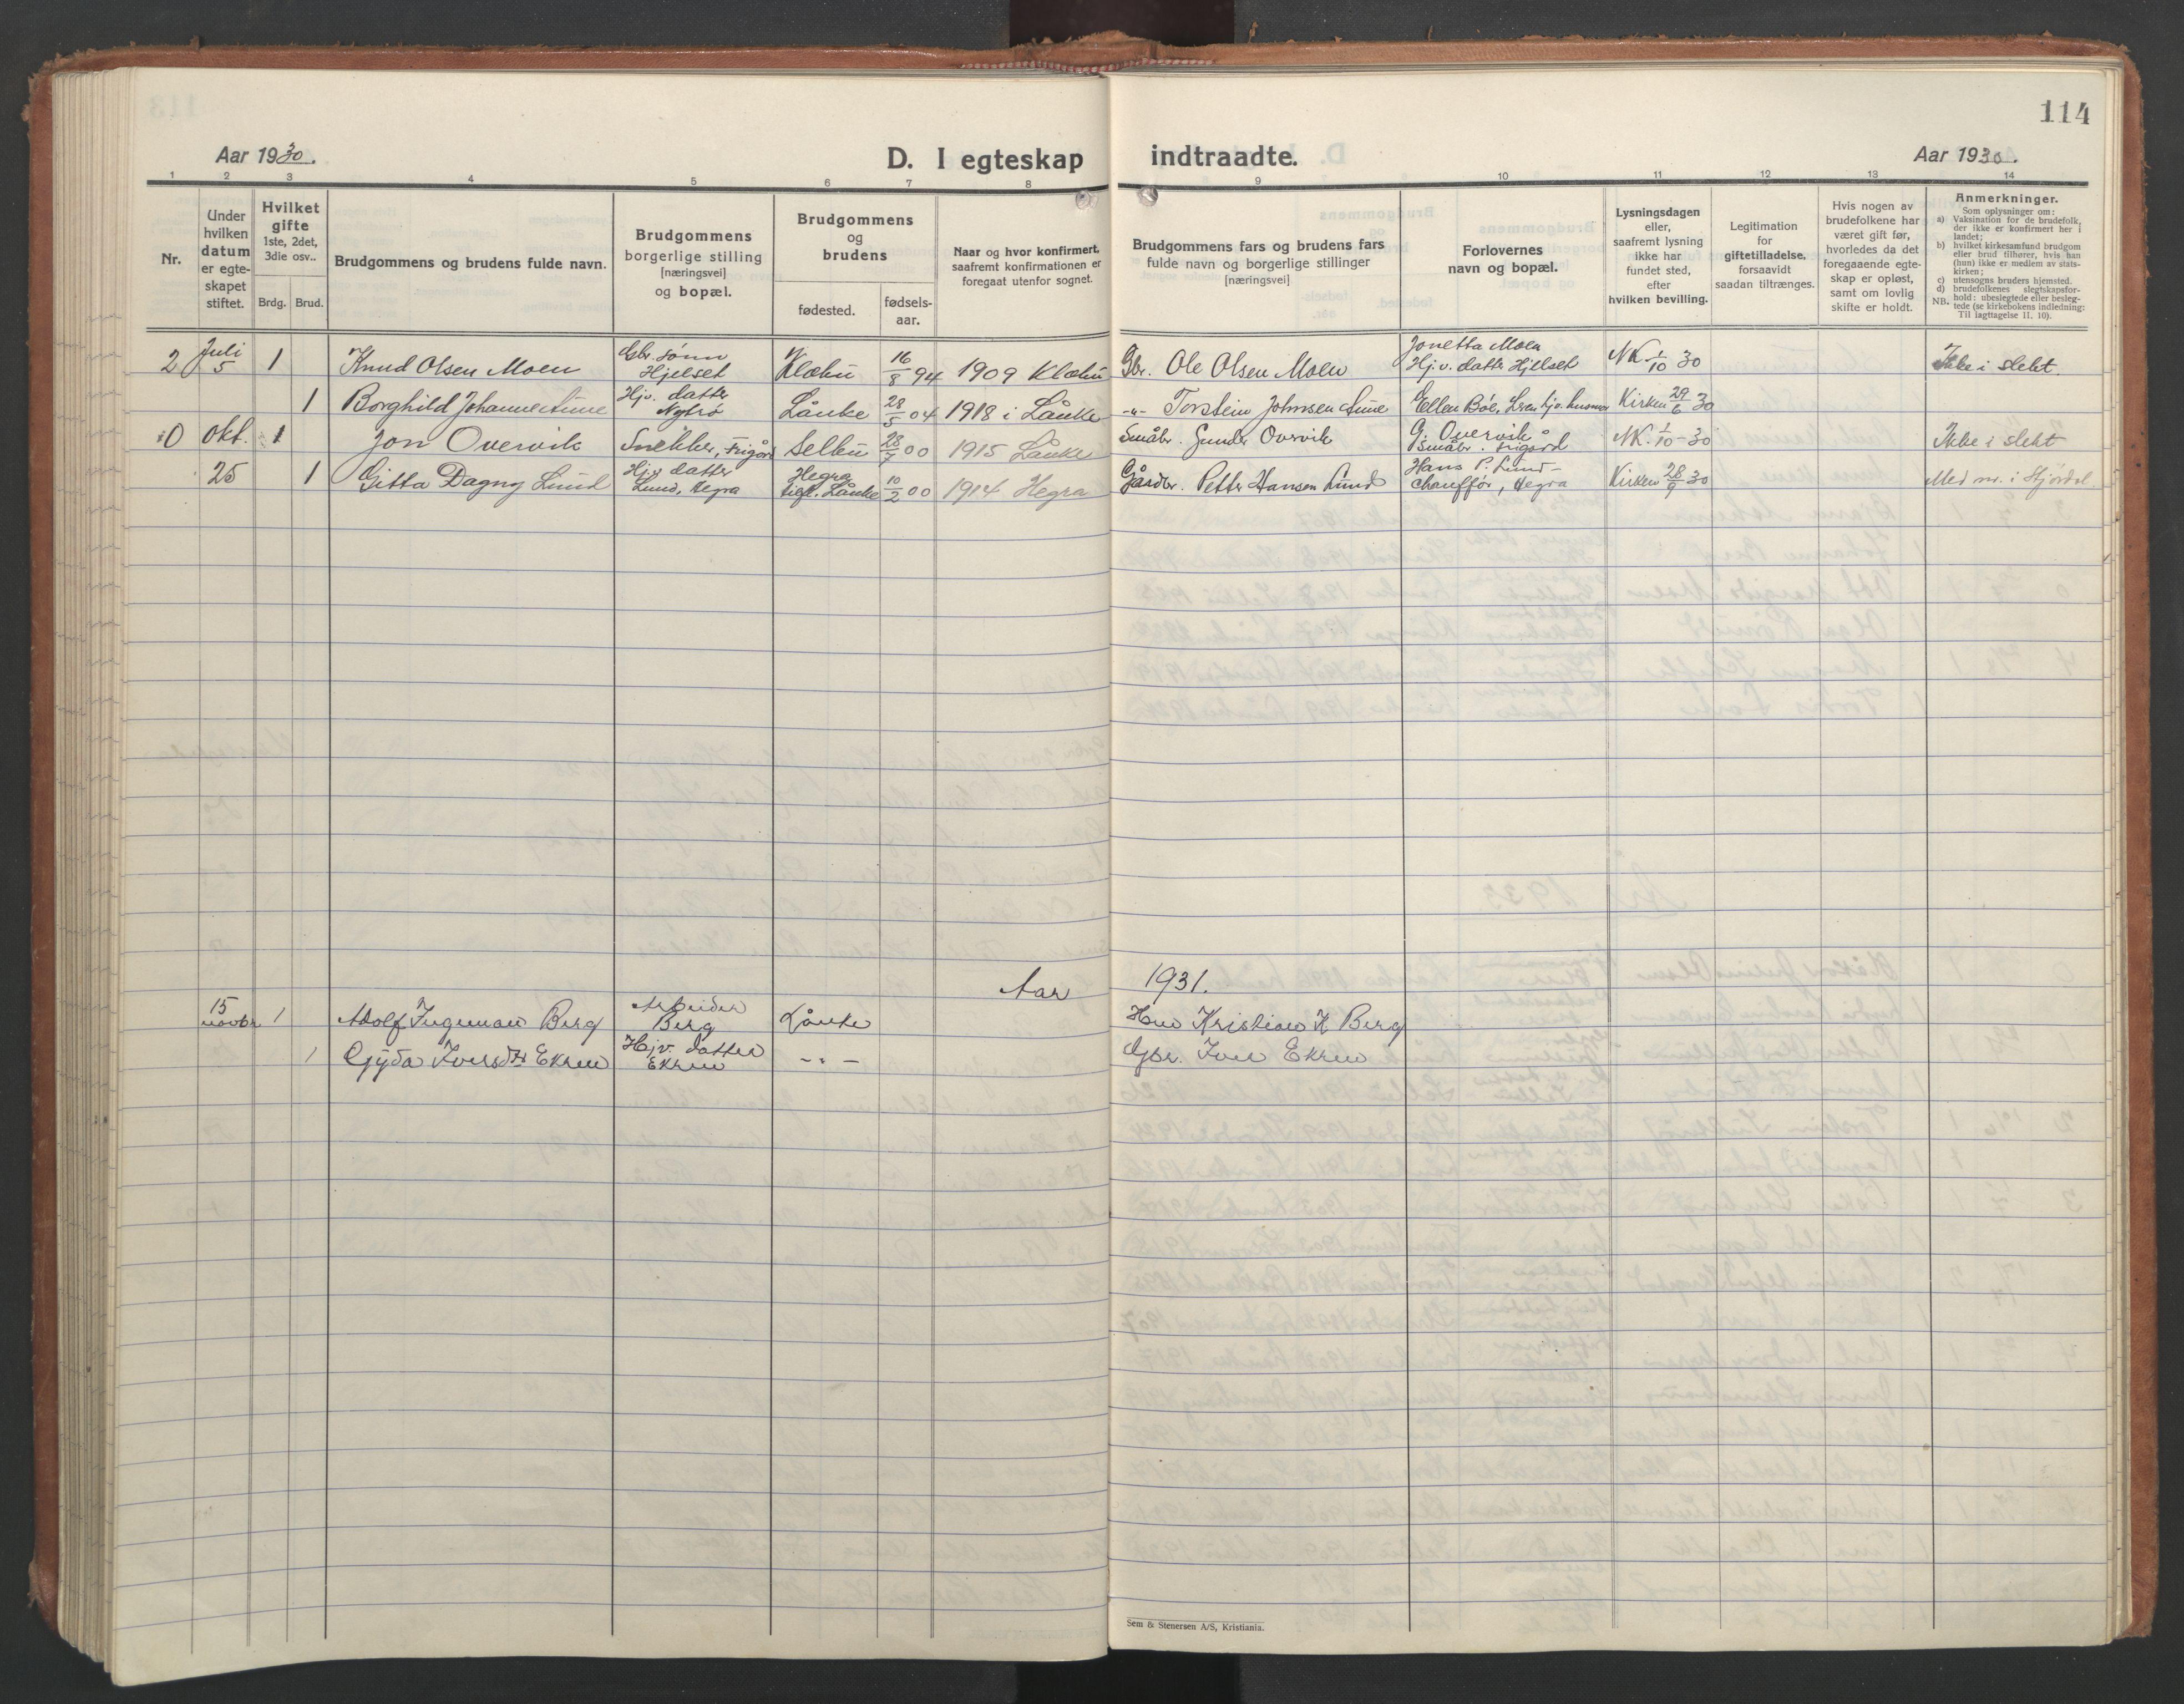 SAT, Ministerialprotokoller, klokkerbøker og fødselsregistre - Nord-Trøndelag, 710/L0097: Klokkerbok nr. 710C02, 1925-1955, s. 114